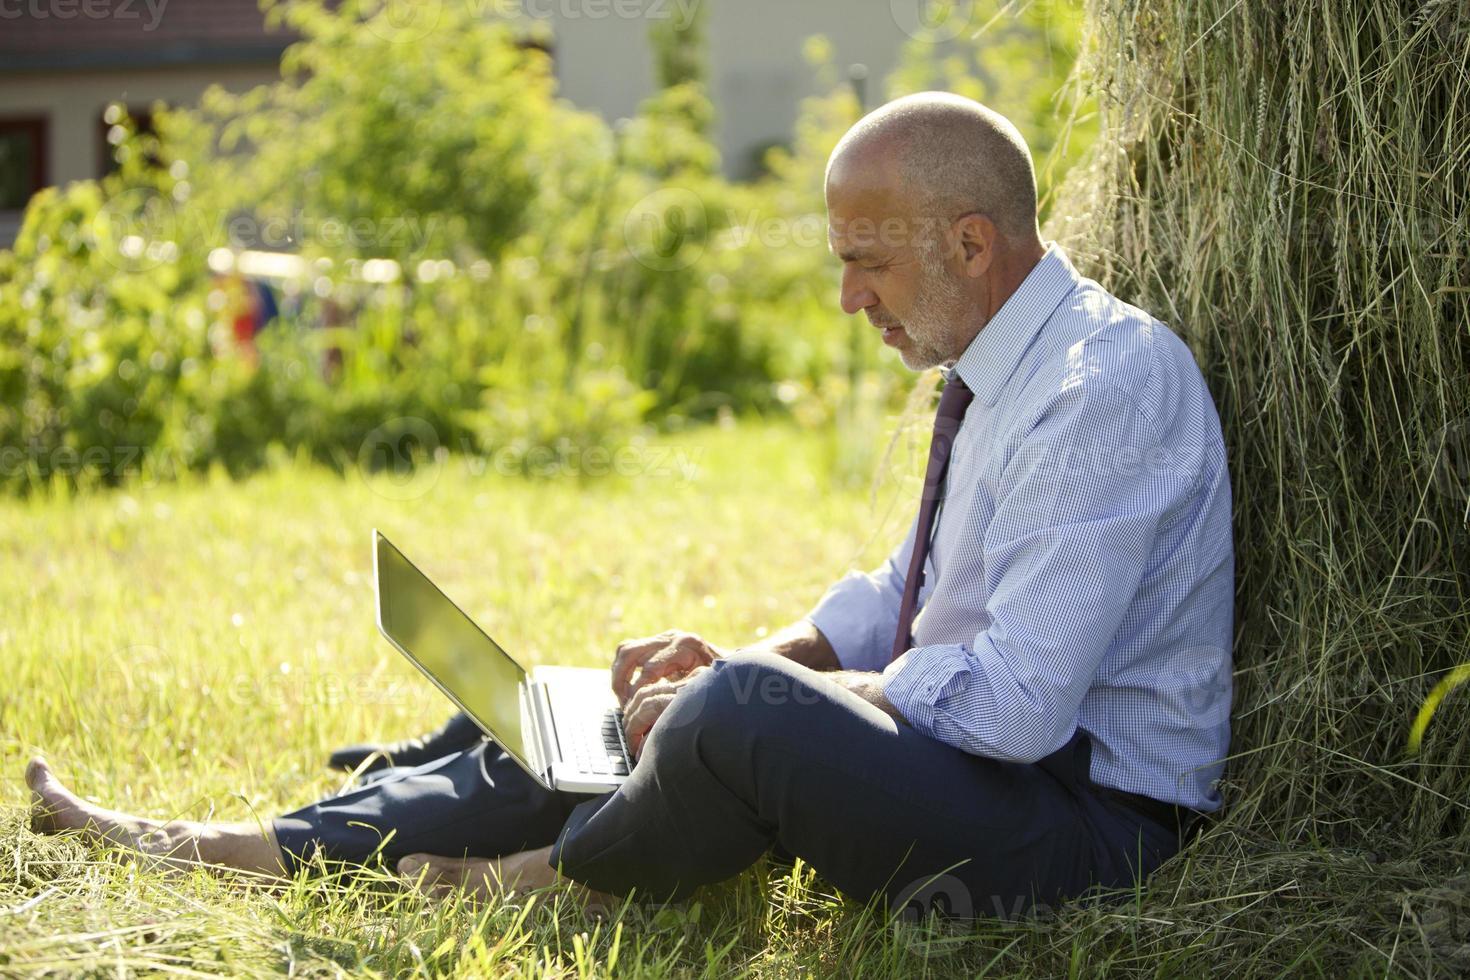 Germania, Baviera, uomo d'affari che lavora con il computer portatile all'aperto foto